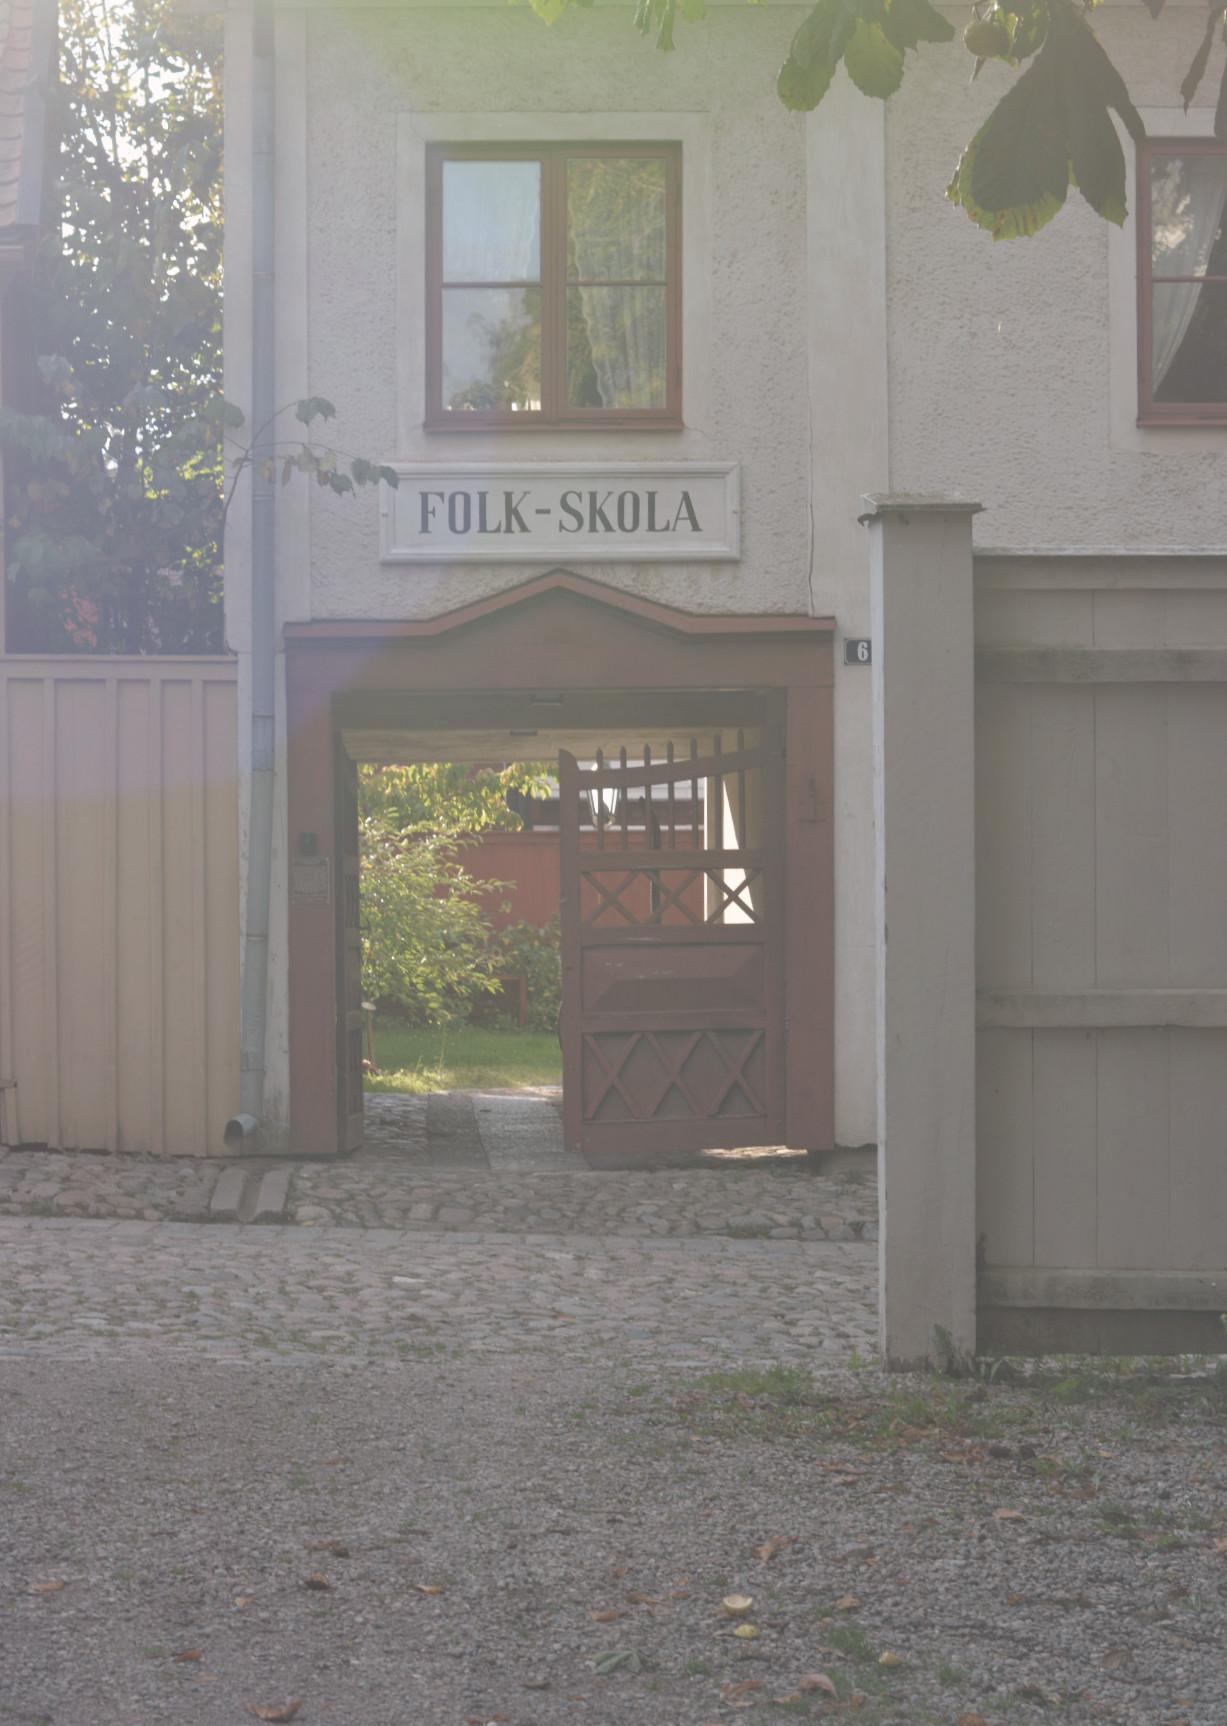 Folkskola i gamla Linköping, retrobild.